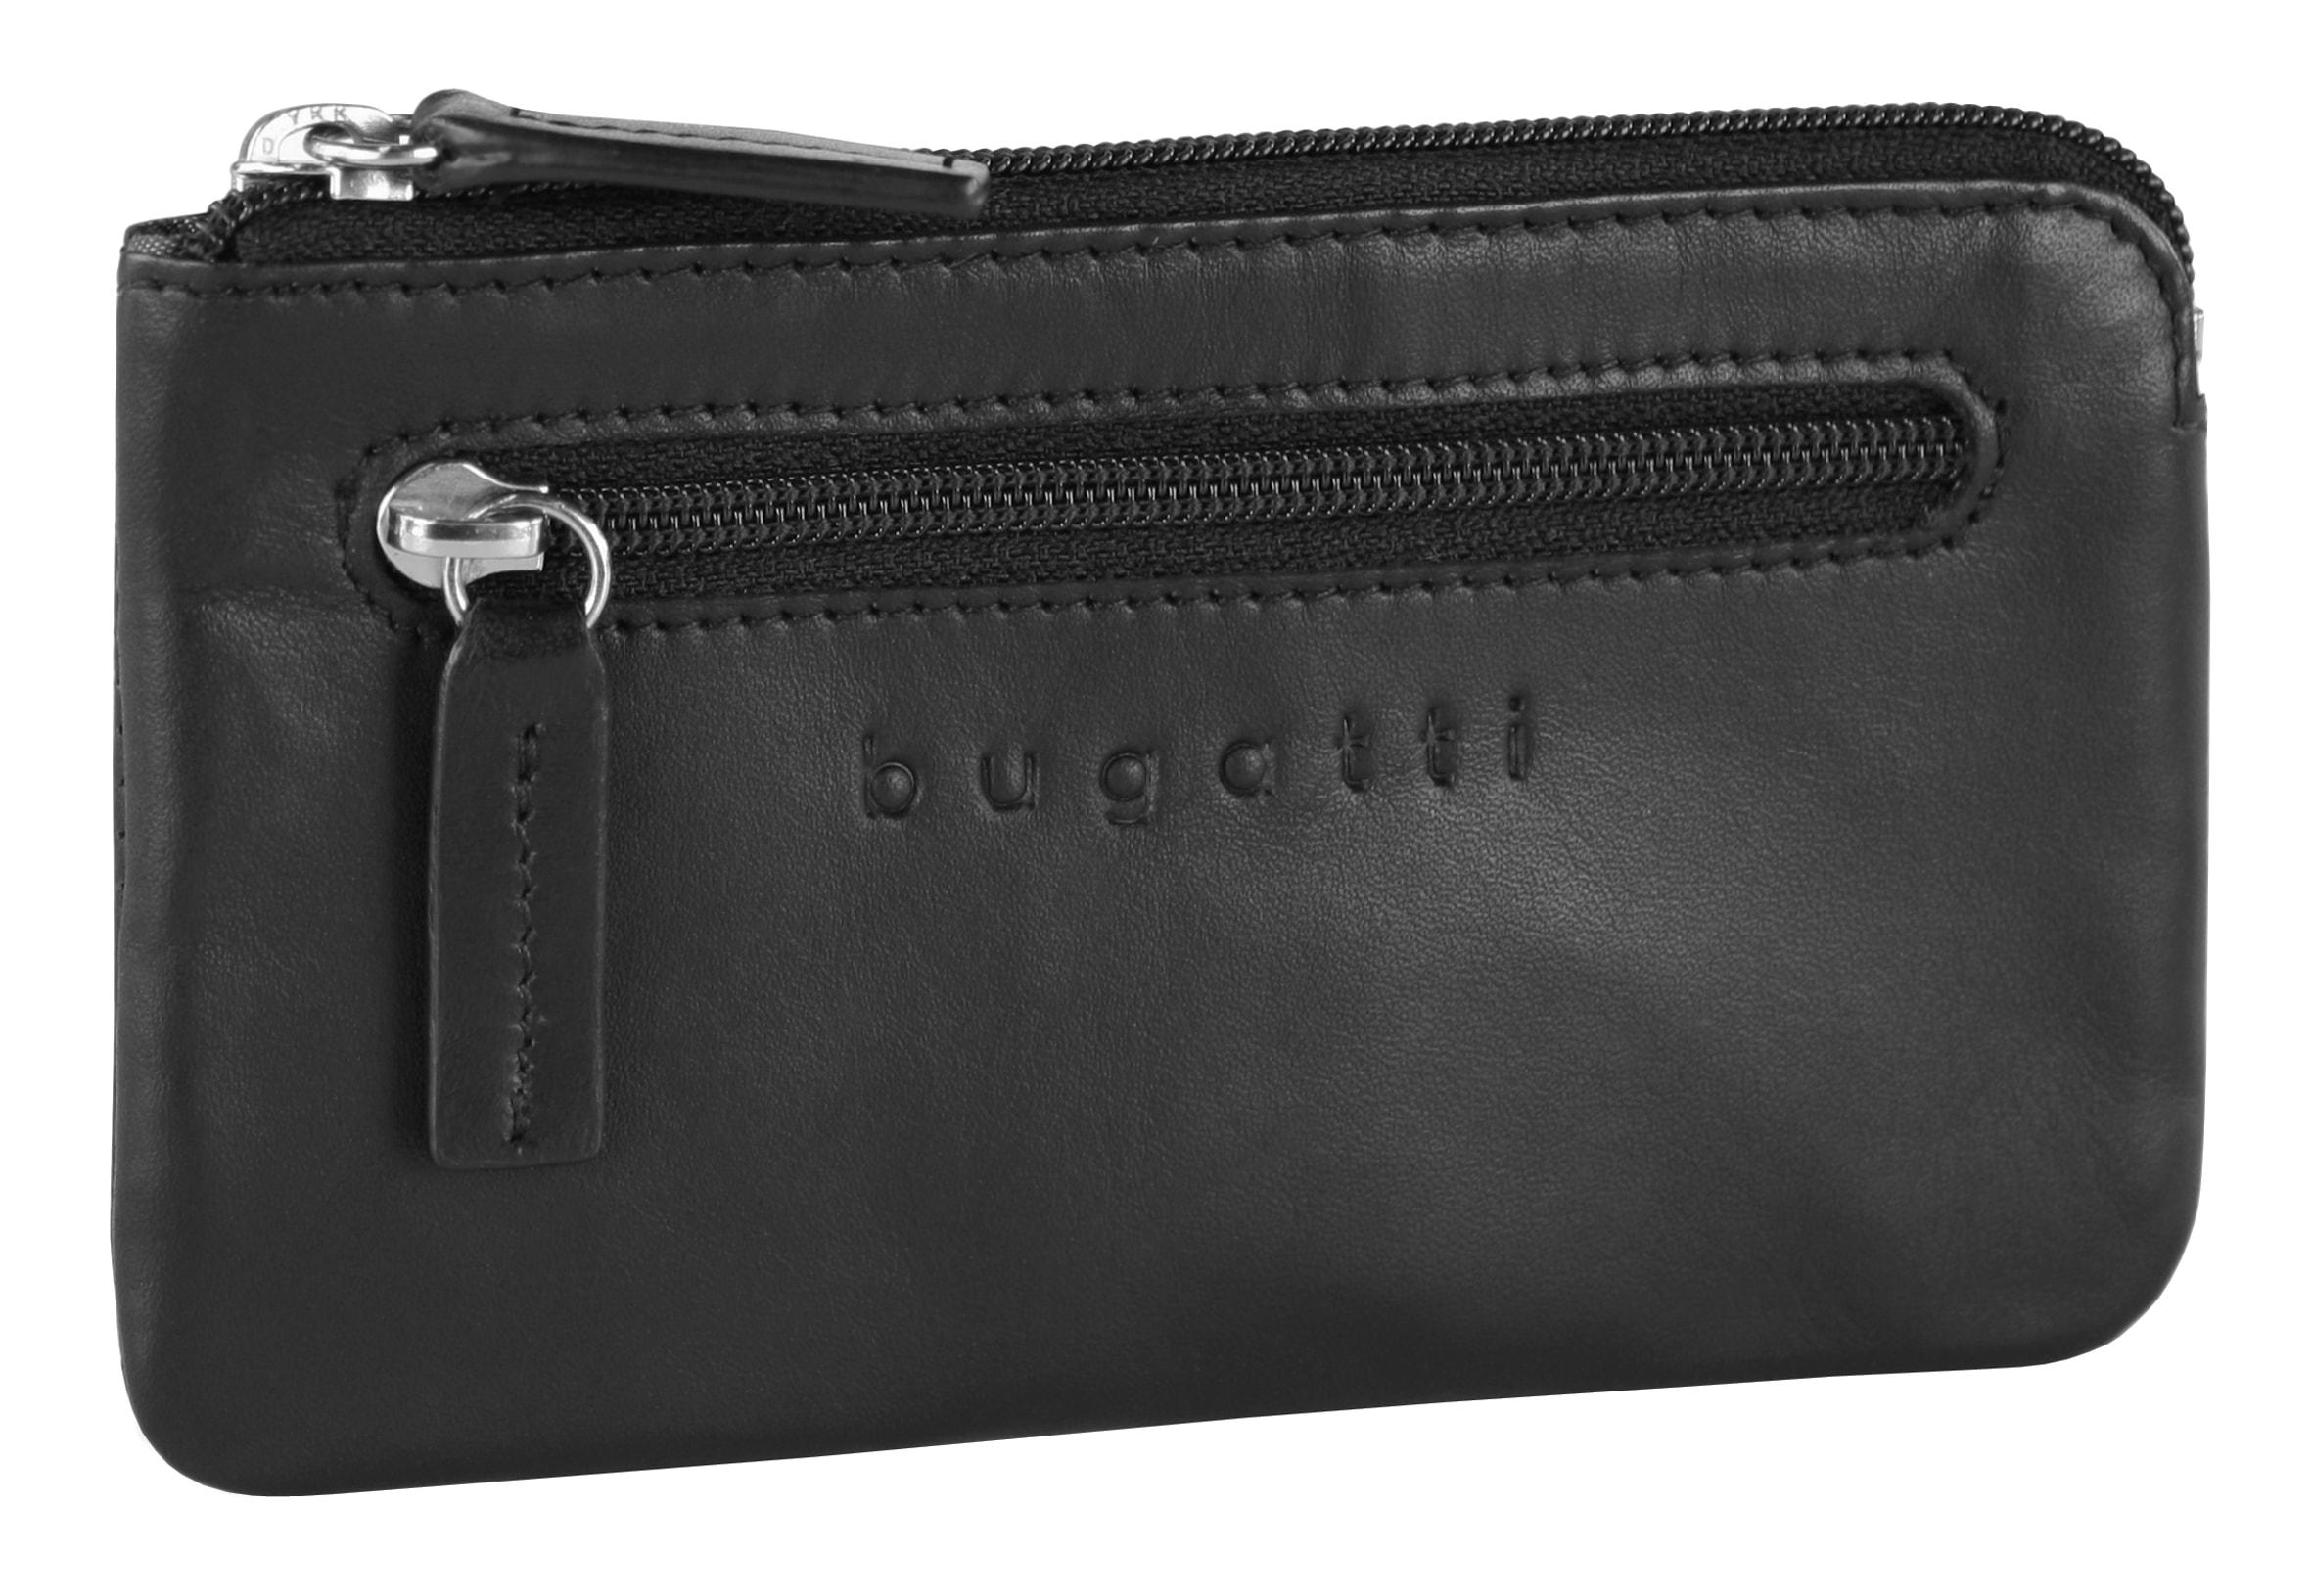 bugatti Schlüsseltasche Primo Damenmode/Schmuck & Accessoires/Taschen/Schlüsseltaschen